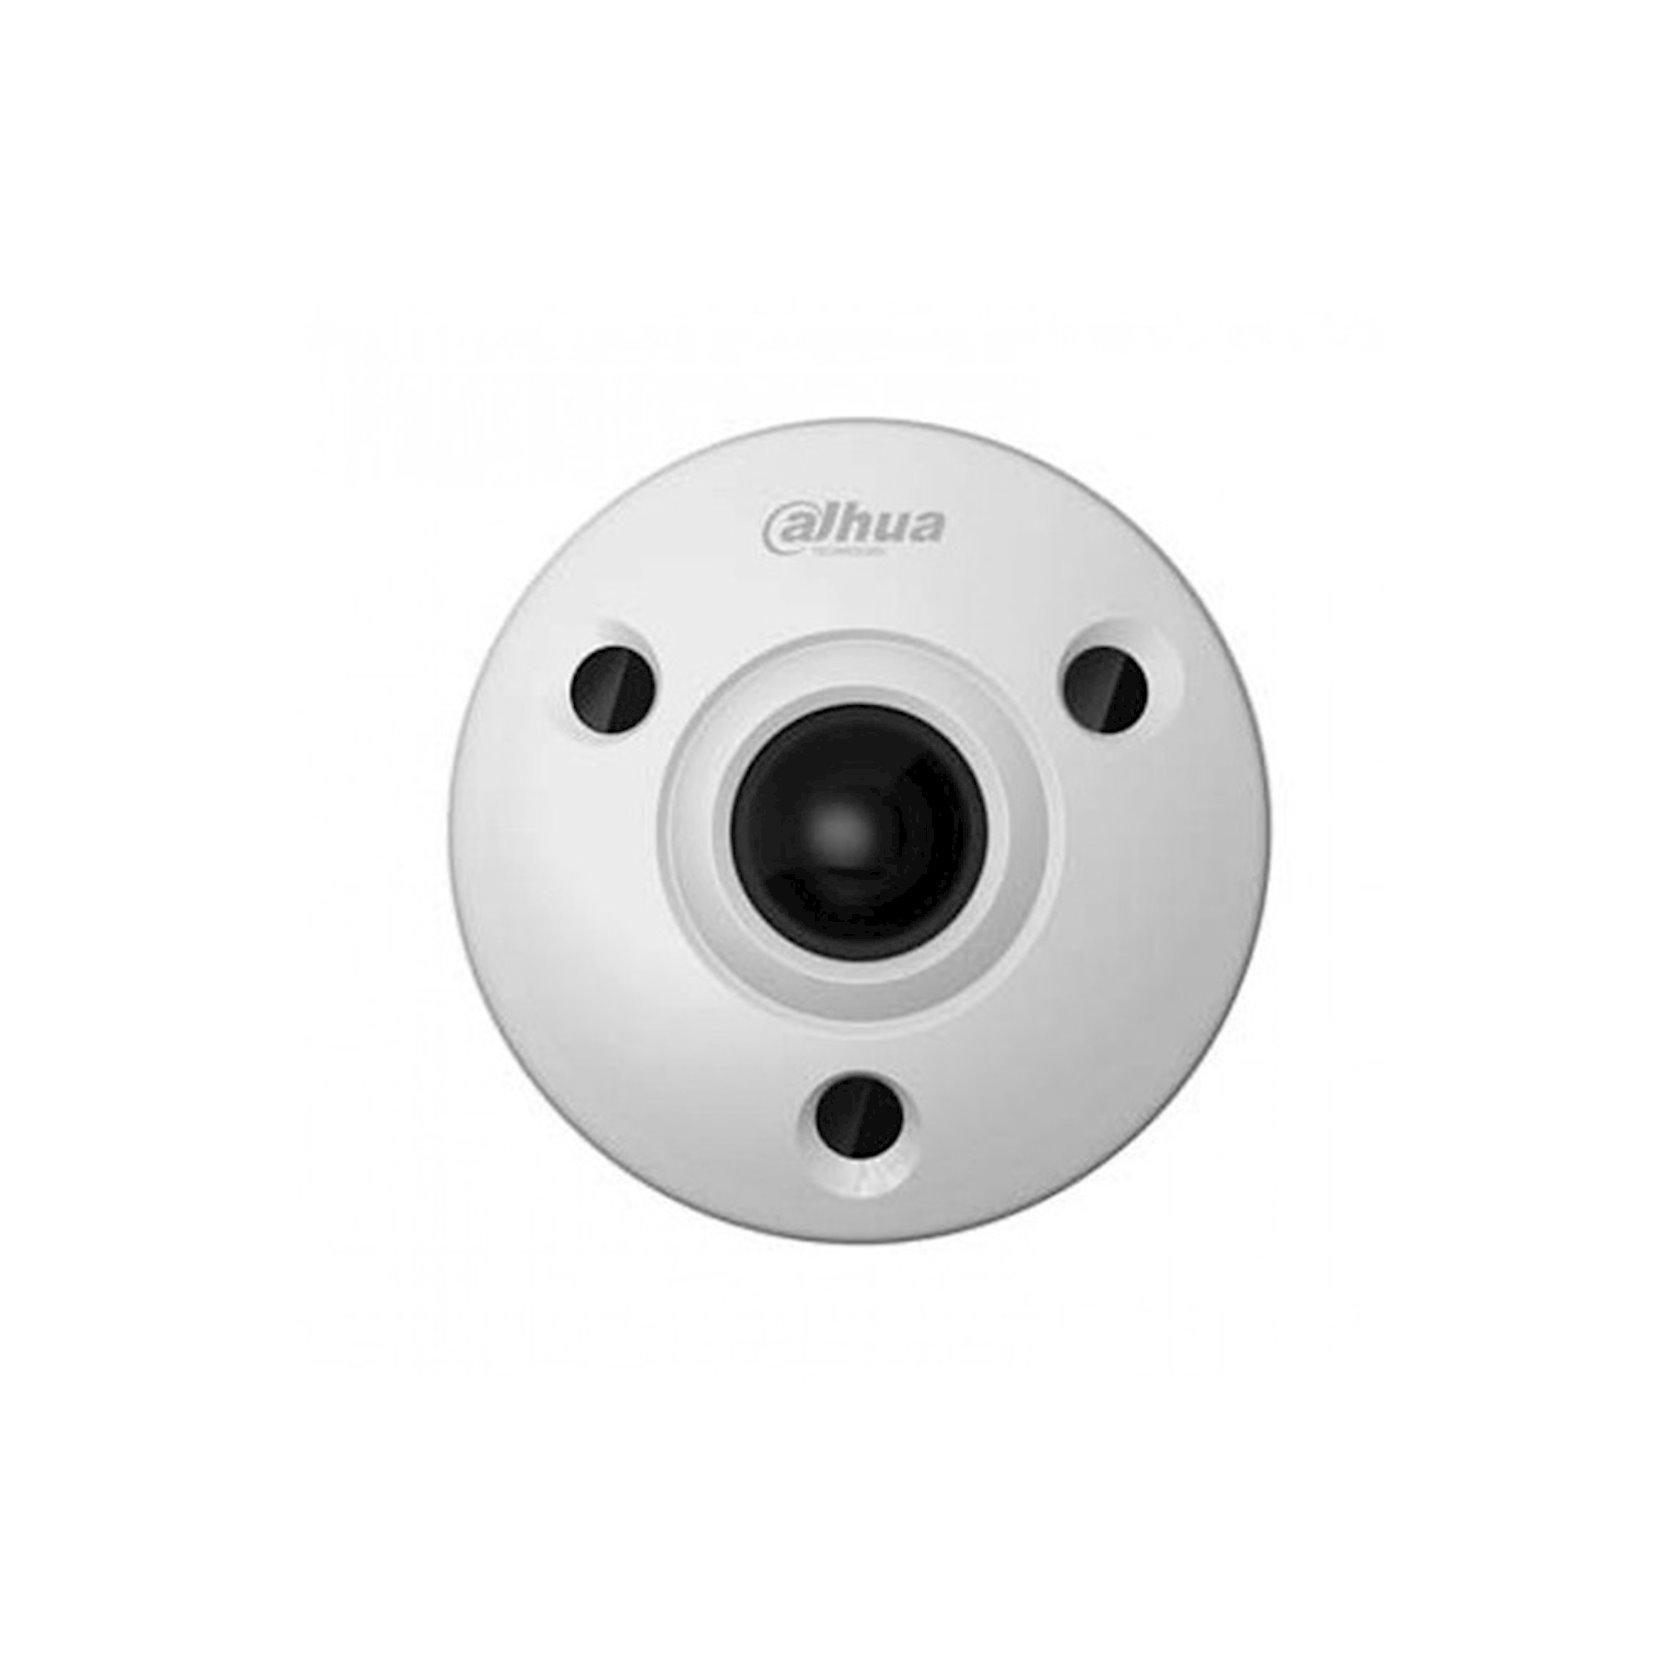 Videomüşahidə kamerası Dahua DH-IPC-EBW8600P